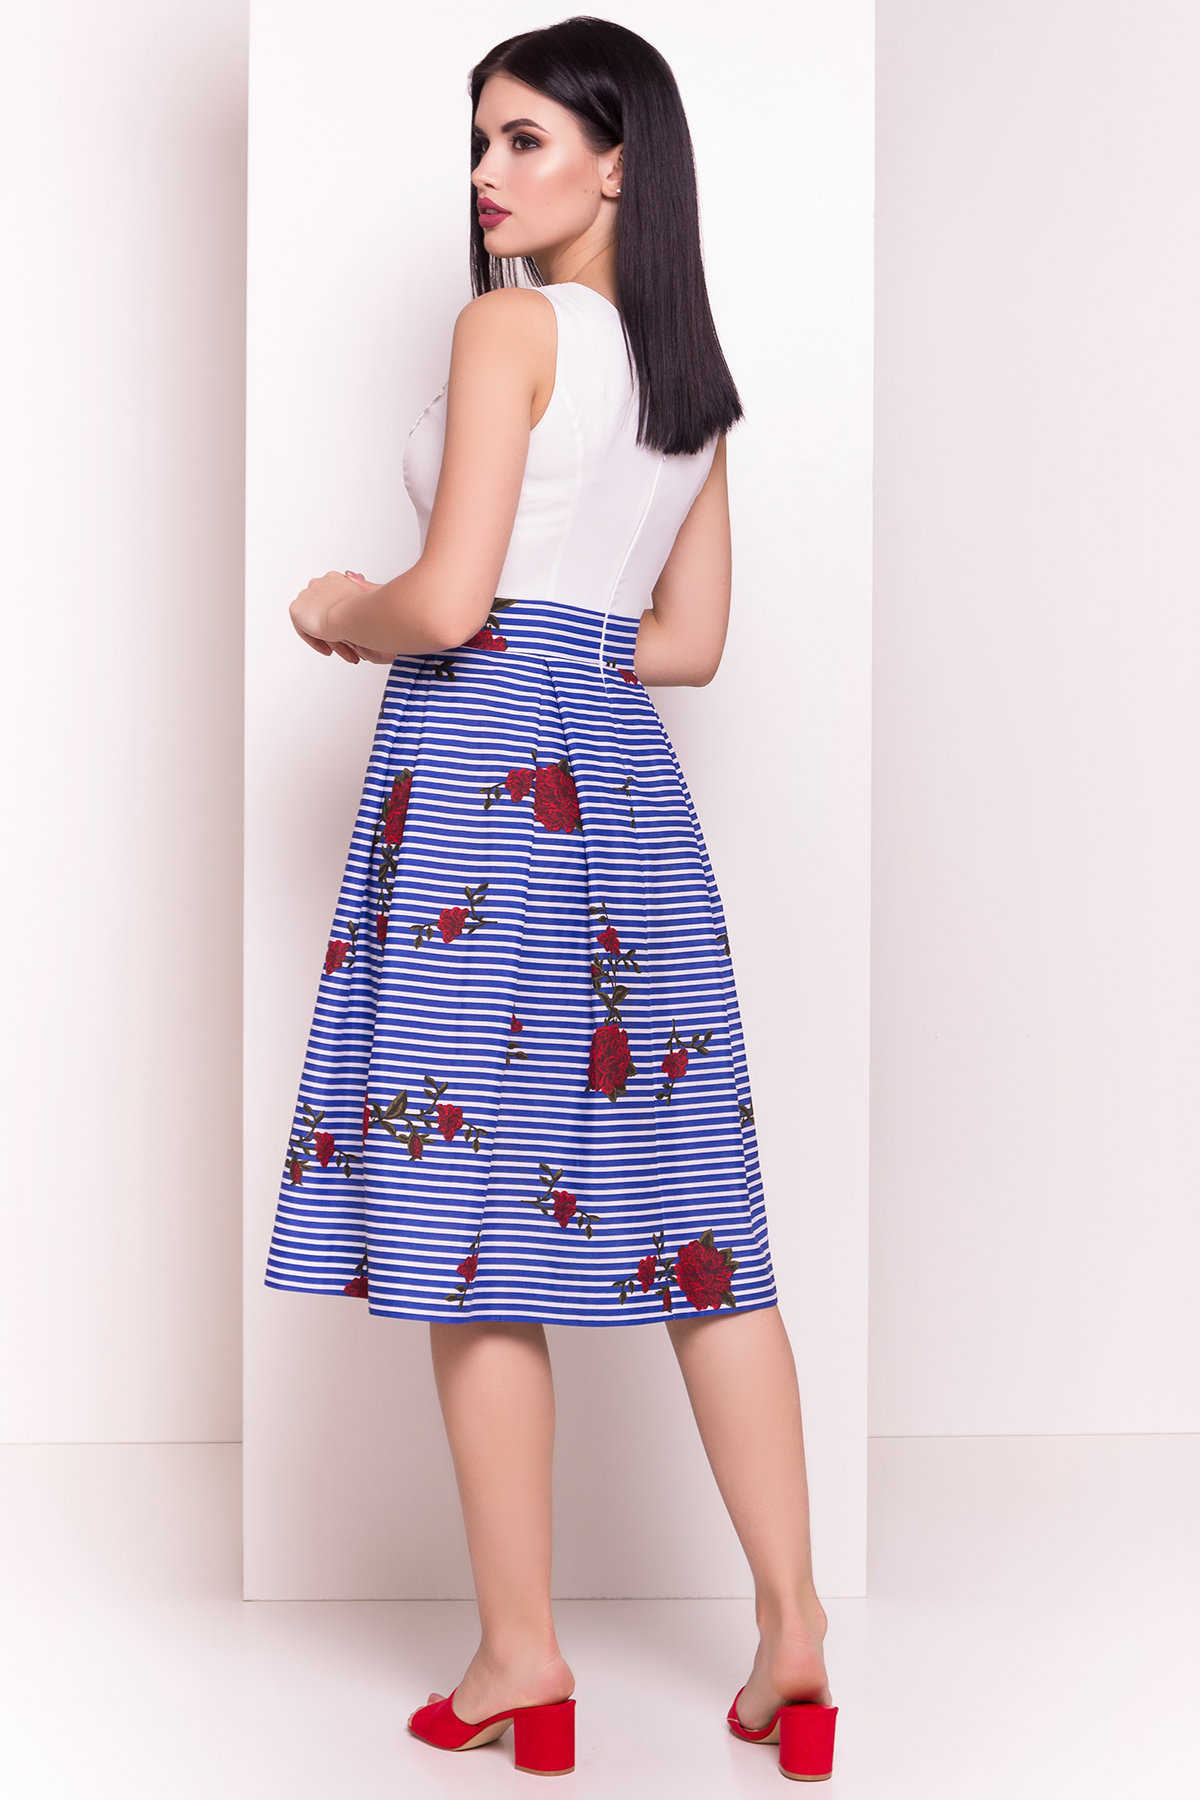 Платье Анабель 5096 Цвет: Электрик/белый полоска сред